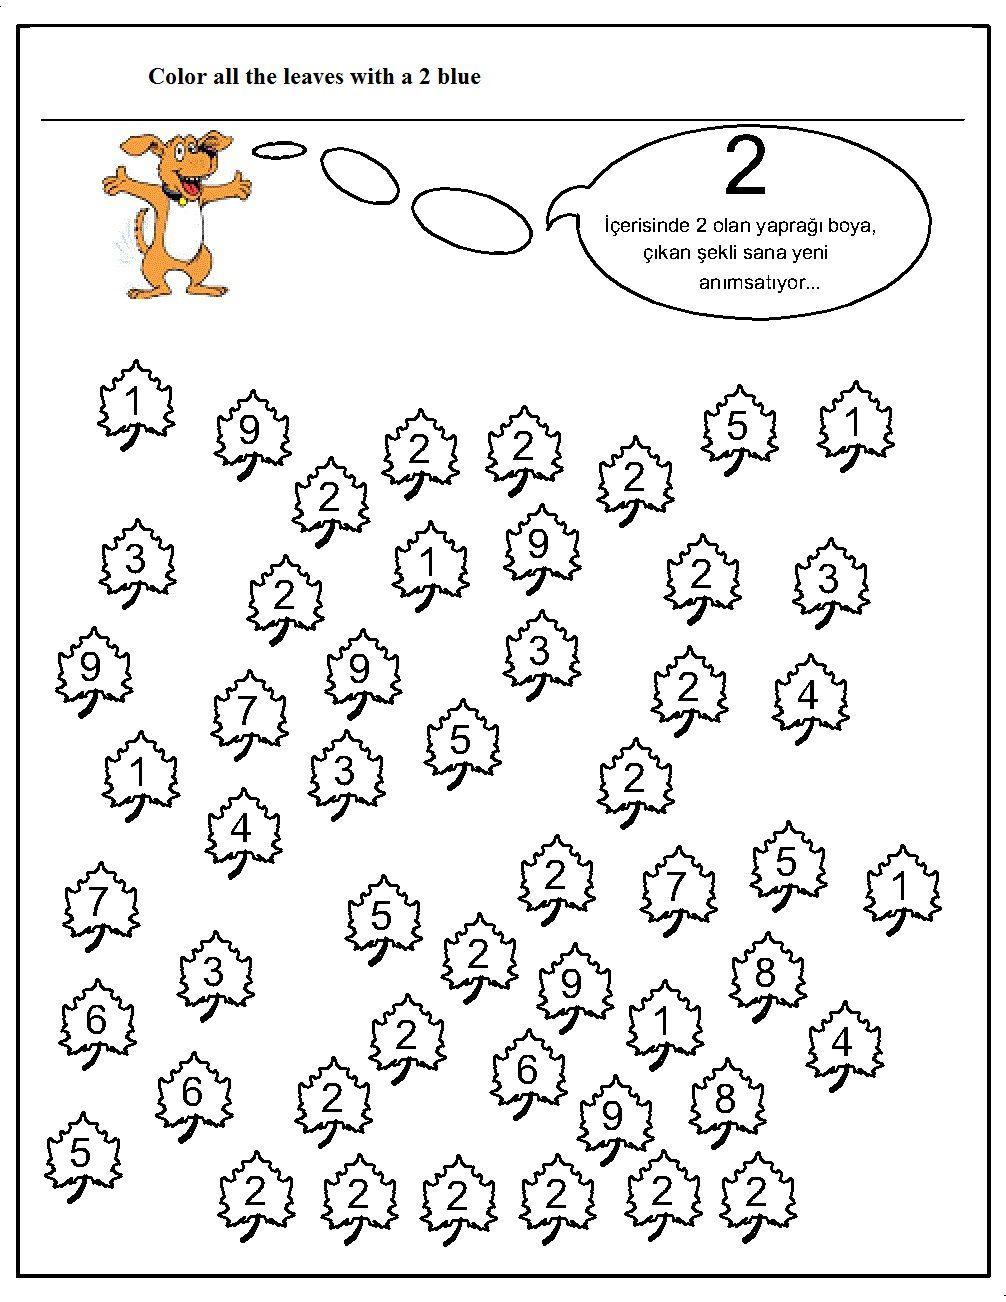 number hunt worksheet for kids (10) | Crafts and Worksheets for ...